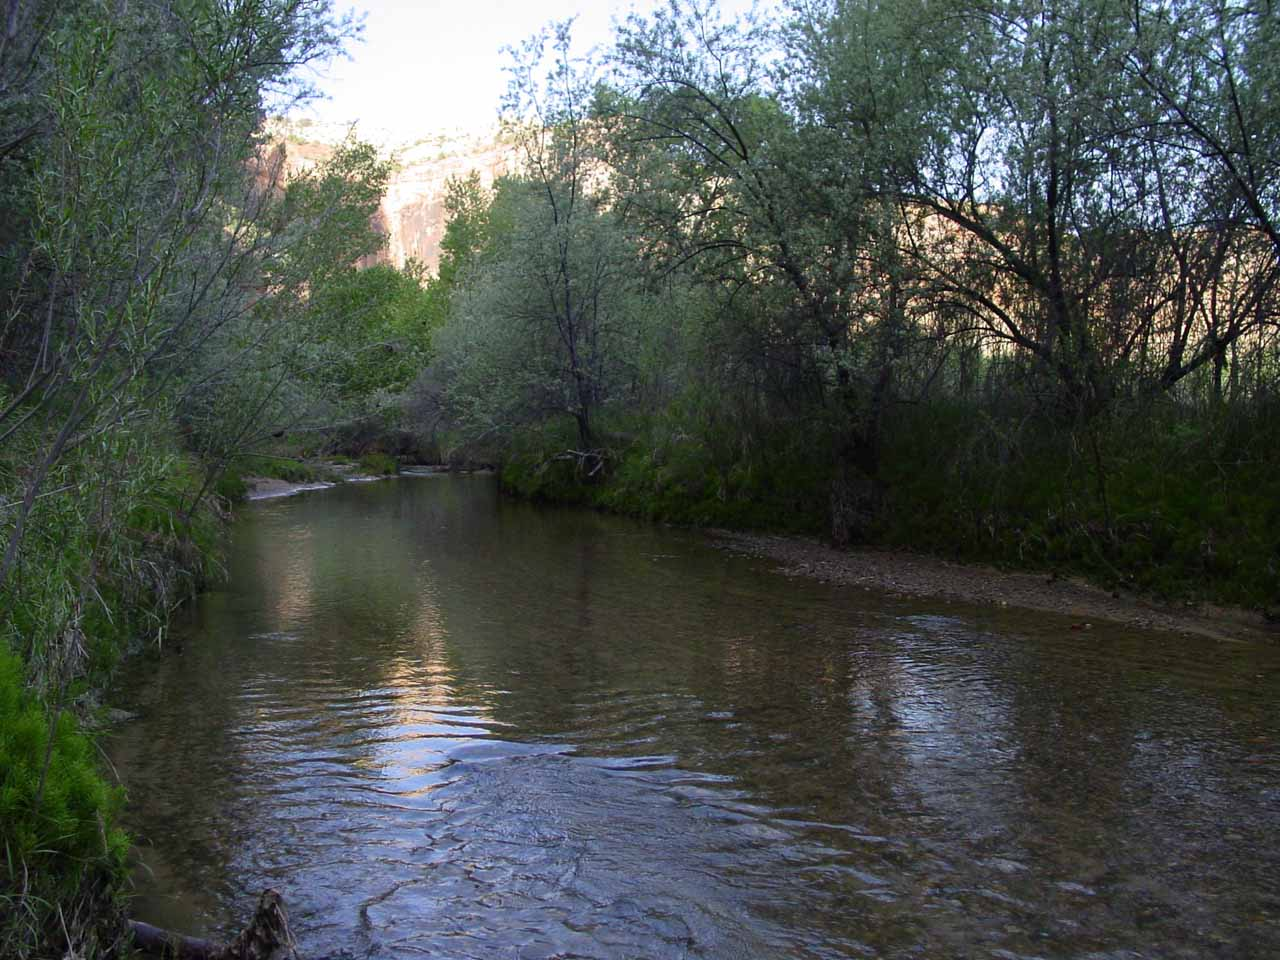 Along the Escalante River